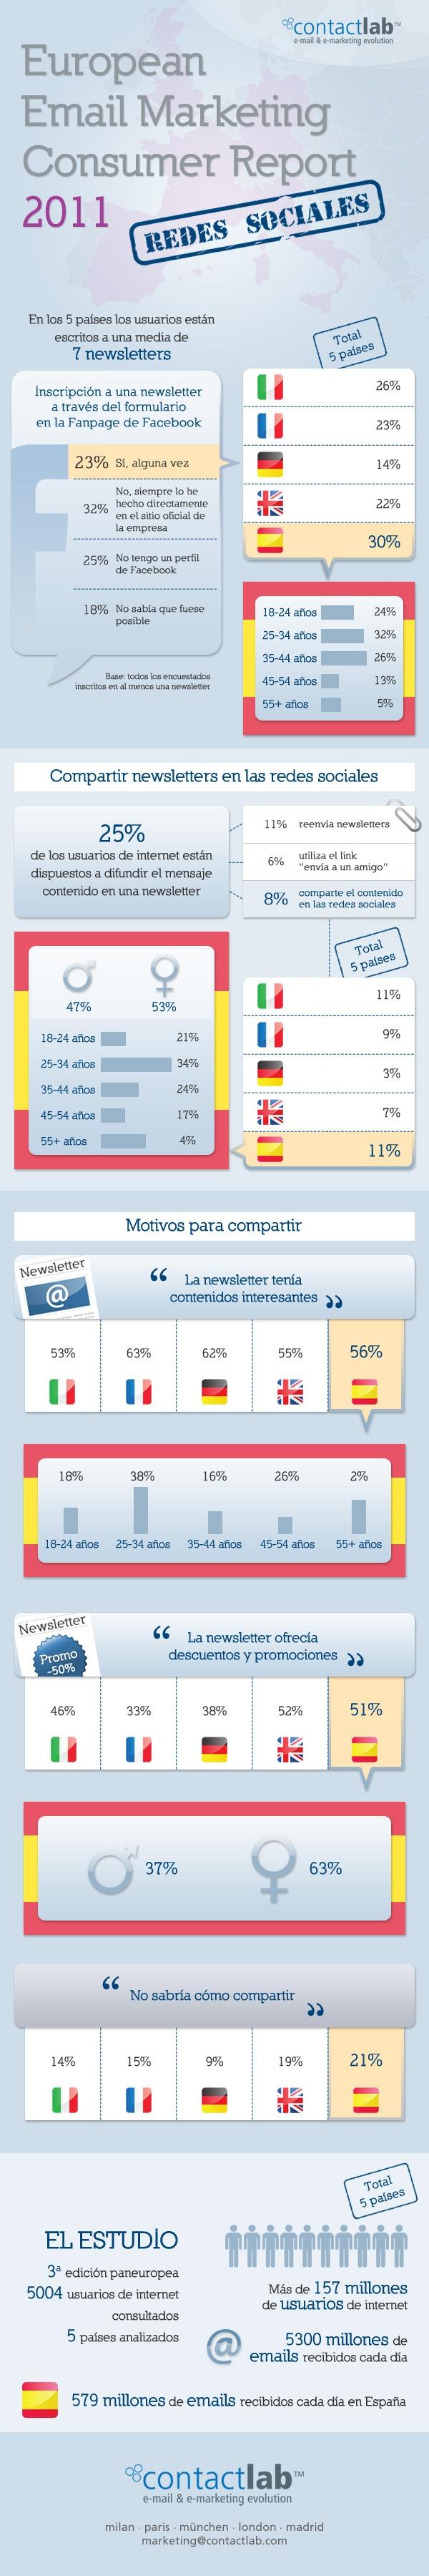 Email marketing y Redes Sociales: el comportamiento de los usuarios europeos. Infografía y video